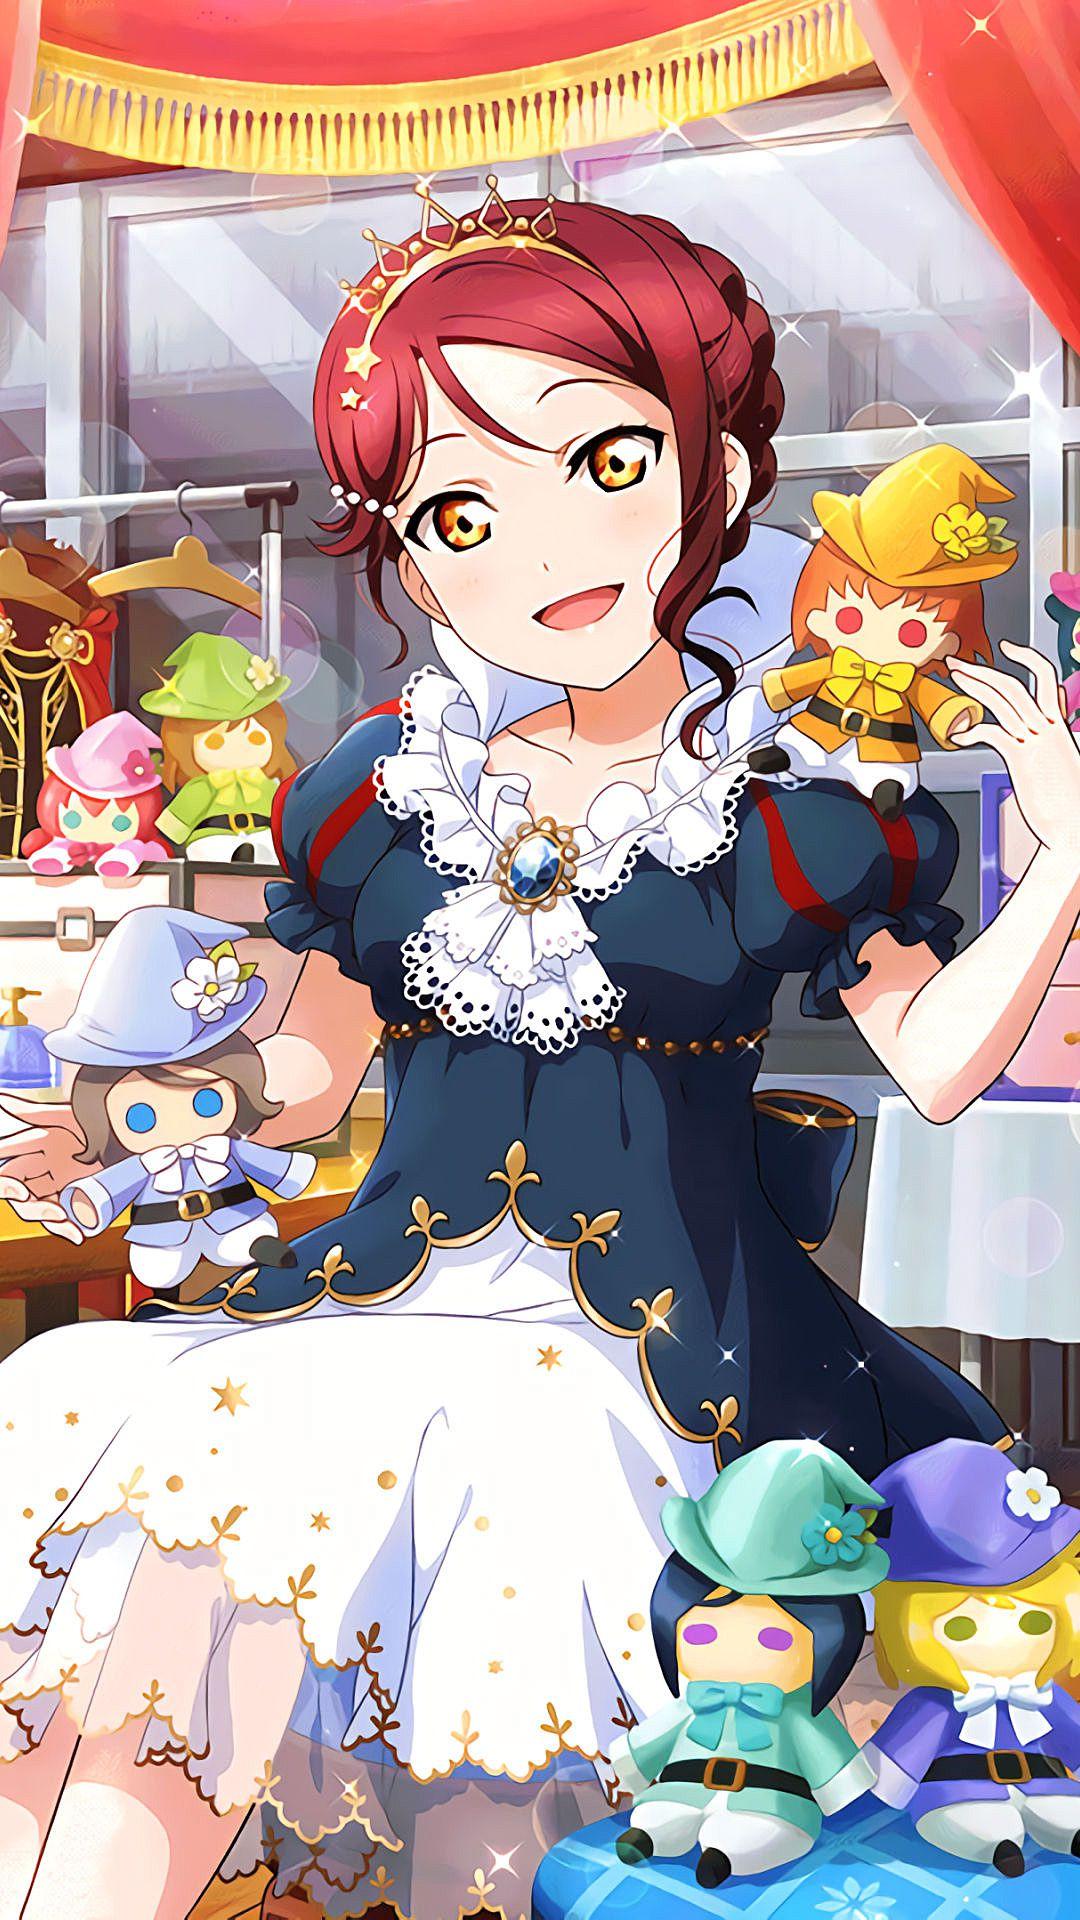 桜内梨子iPhone壁紙,Androidスマホ用画像